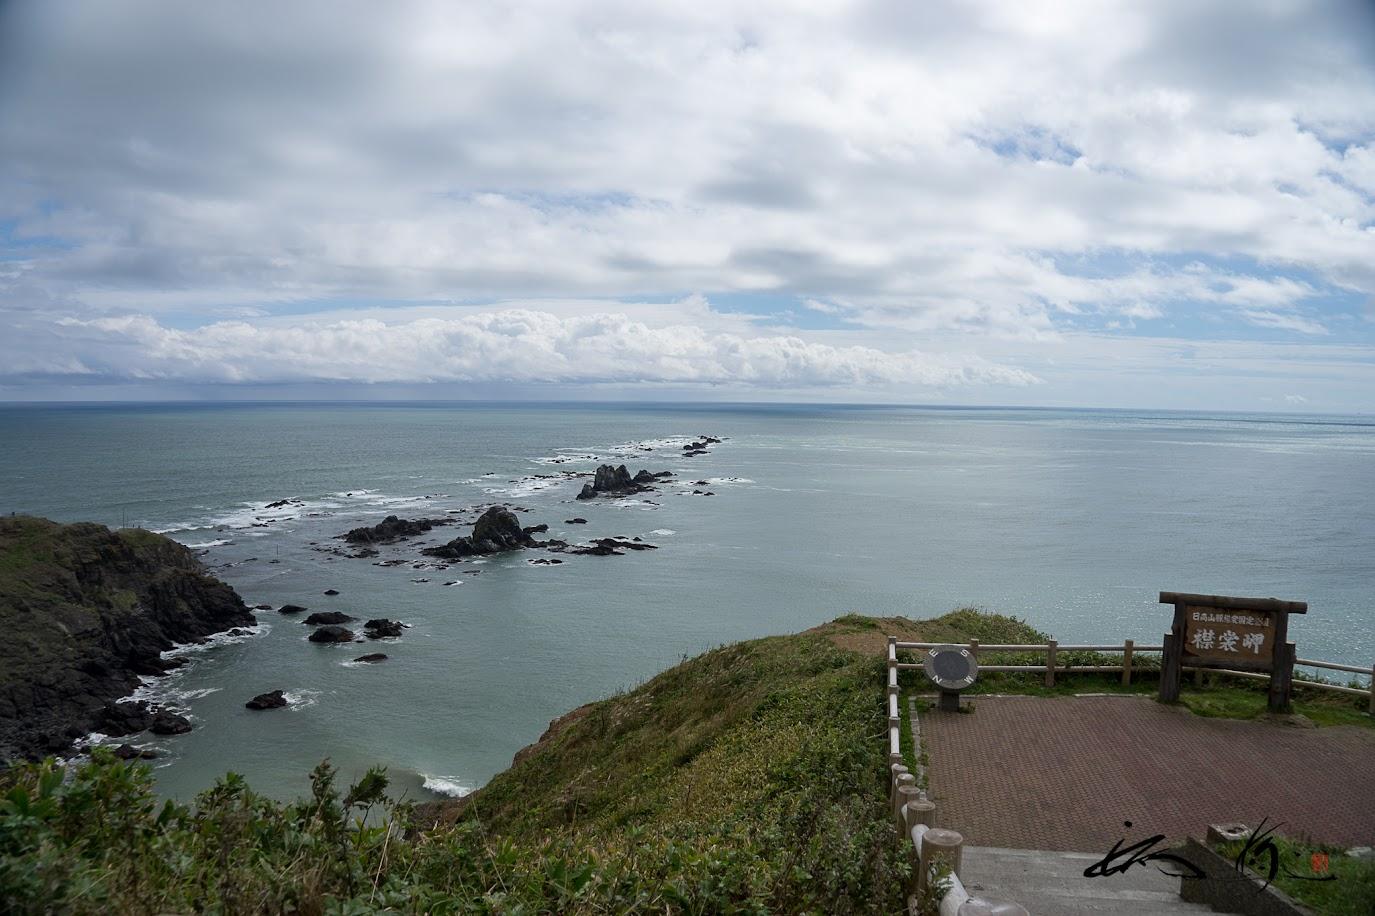 素敵な風景が広がる襟裳岬